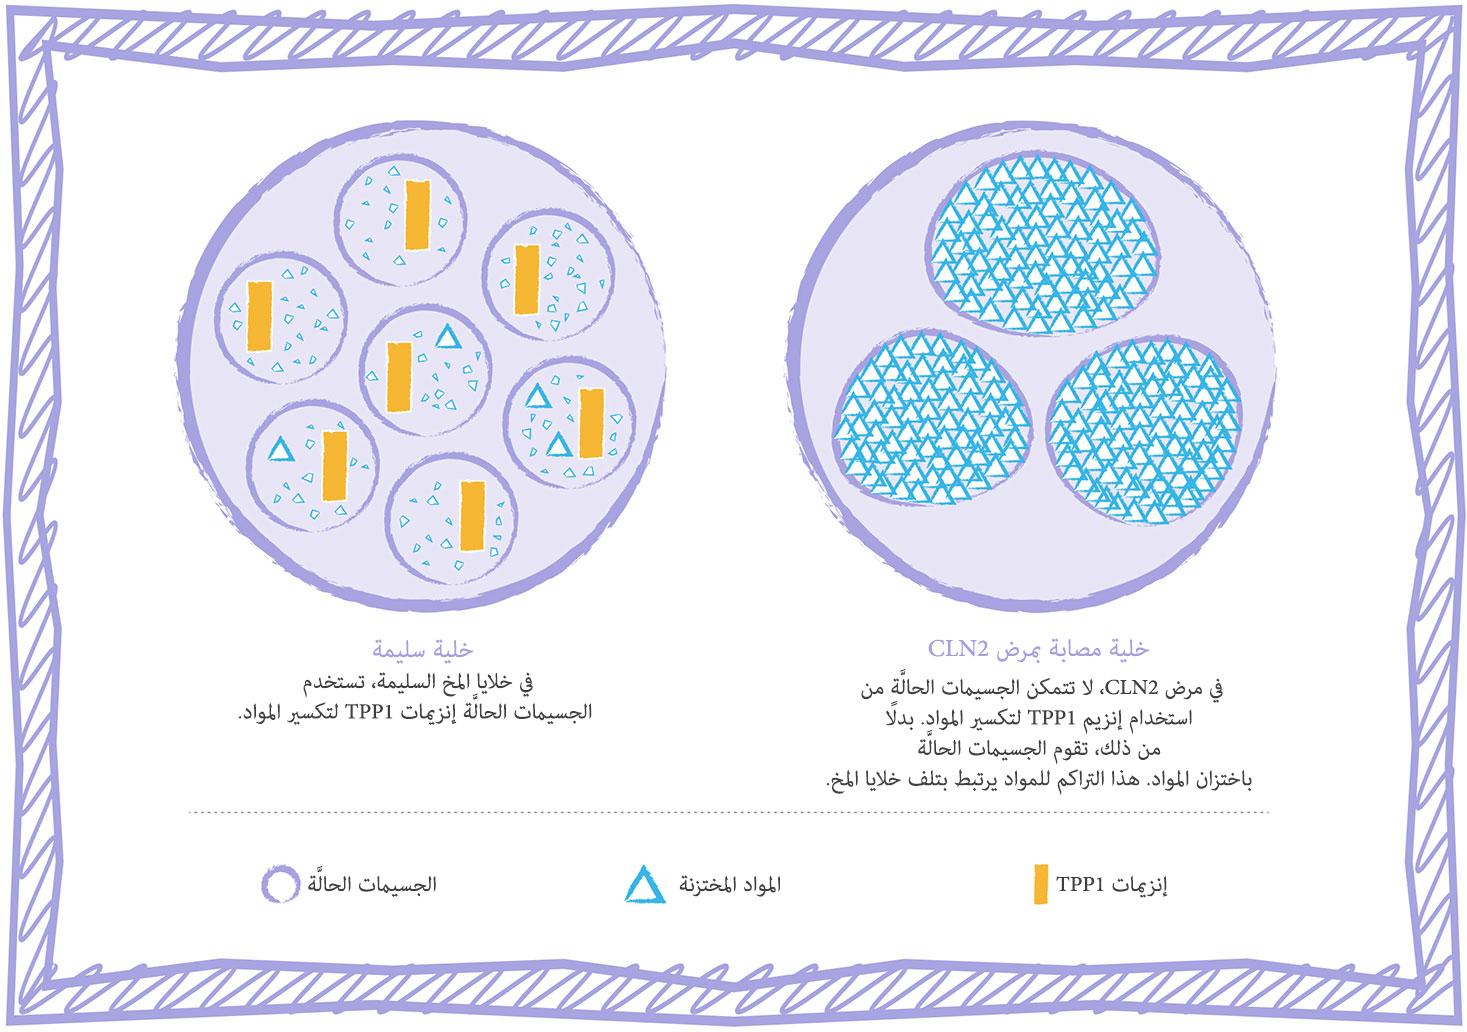 الرسم التوضيحي للخلية في حالة اضطراب الاختزان في الجسيمات الحالَّة في مرض CLN2